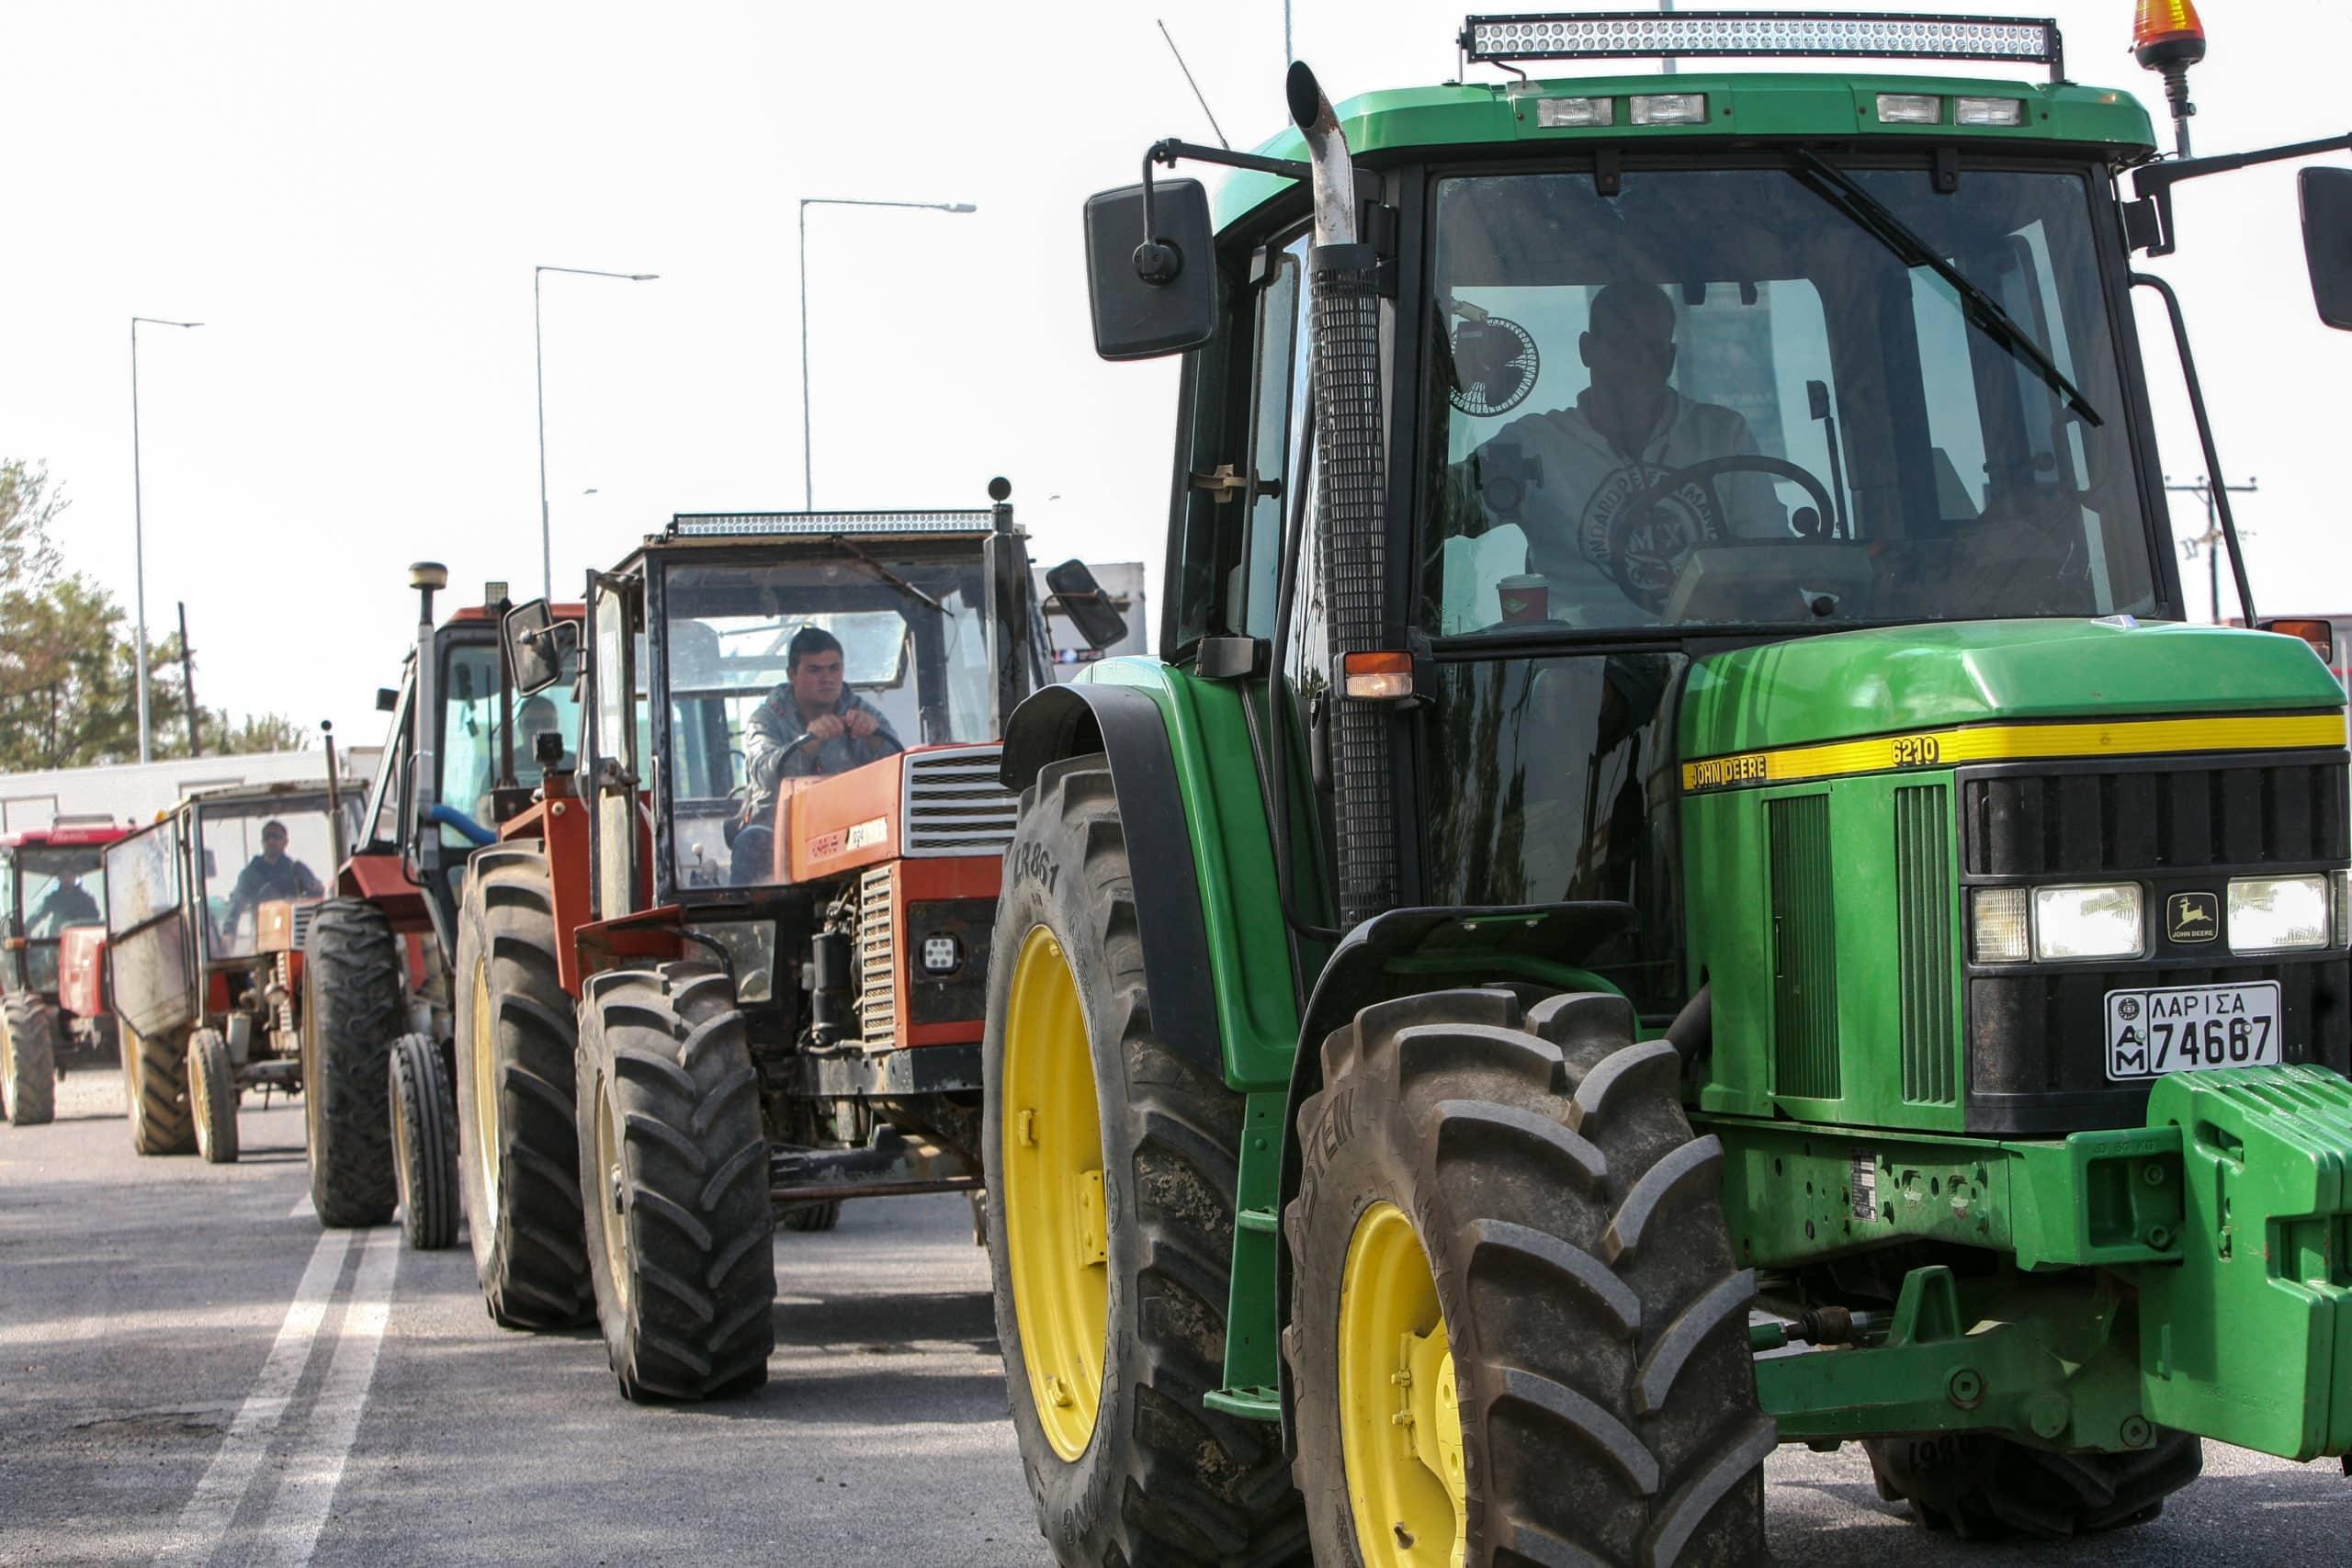 Εξισωτική ΕΛΓΑ πληρωμή 11 Δεκεμβρίου: €15 εκ εξόφληση αποζημιώσεις σε αγρότες και κτηνοτρόφους έτους 2018 - ΟΠΕΚΕΠΕ πληρωμές